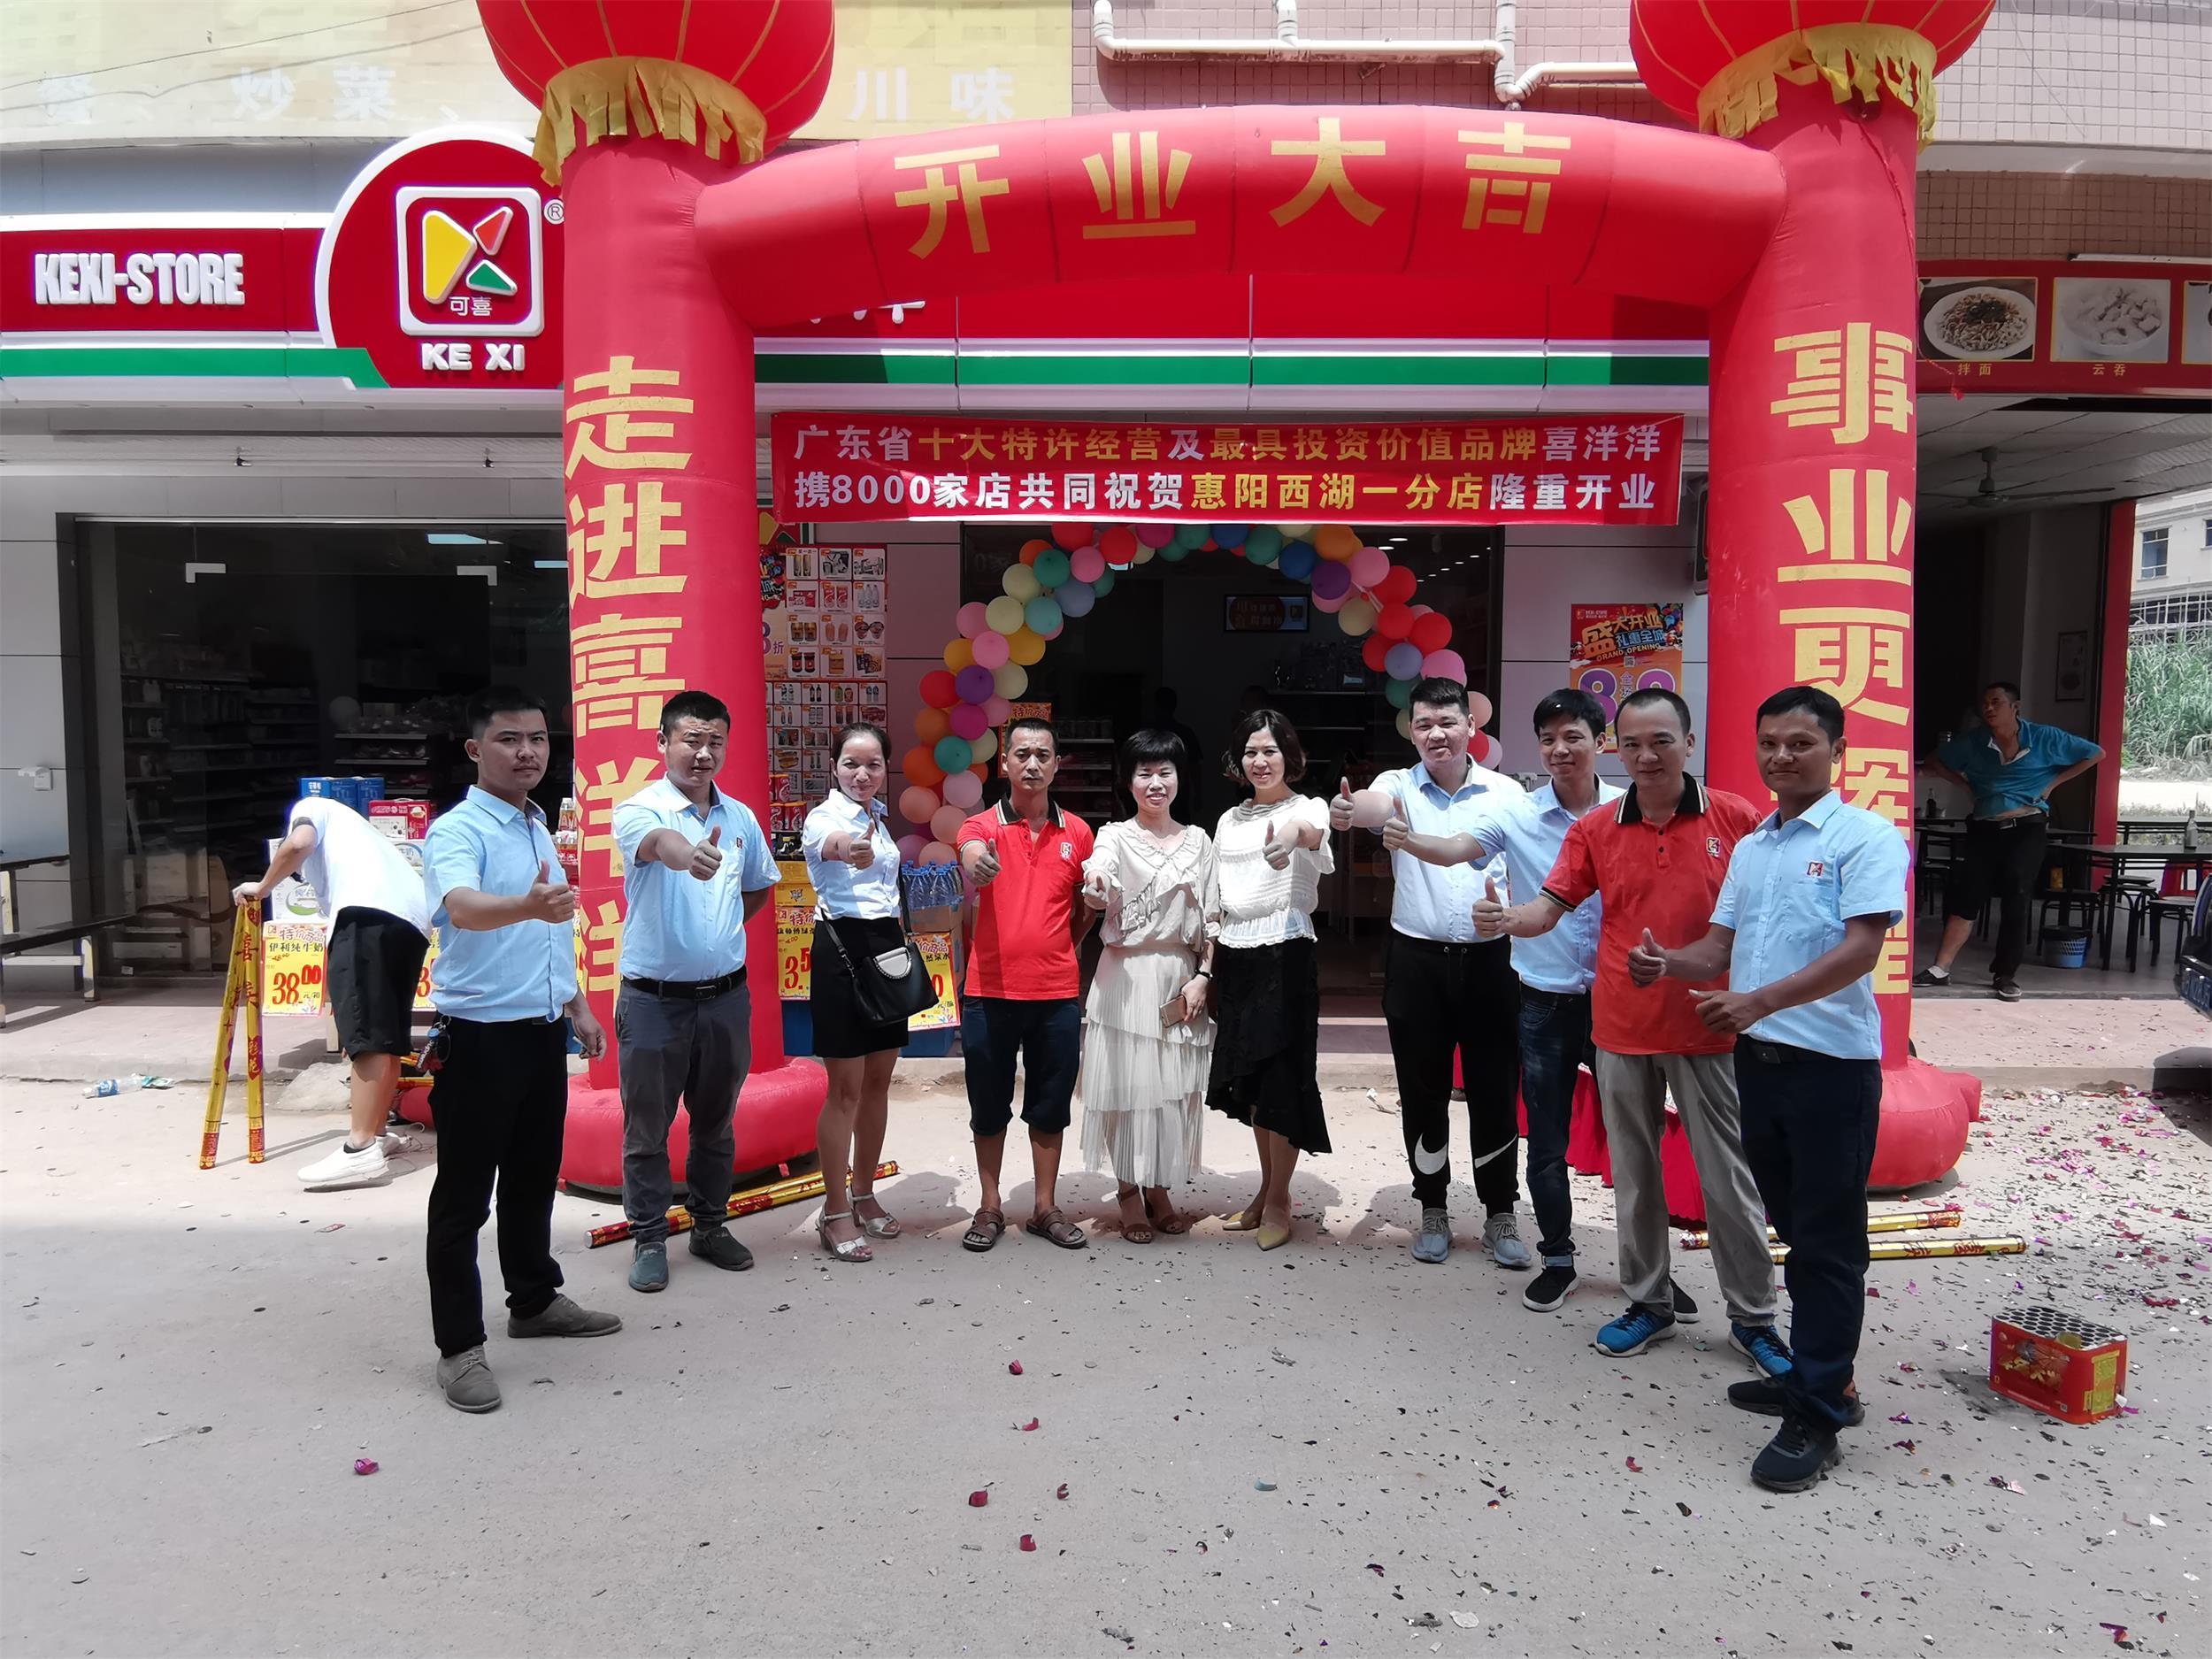 喜洋洋便利店惠阳西湖分店8月10日隆重开业